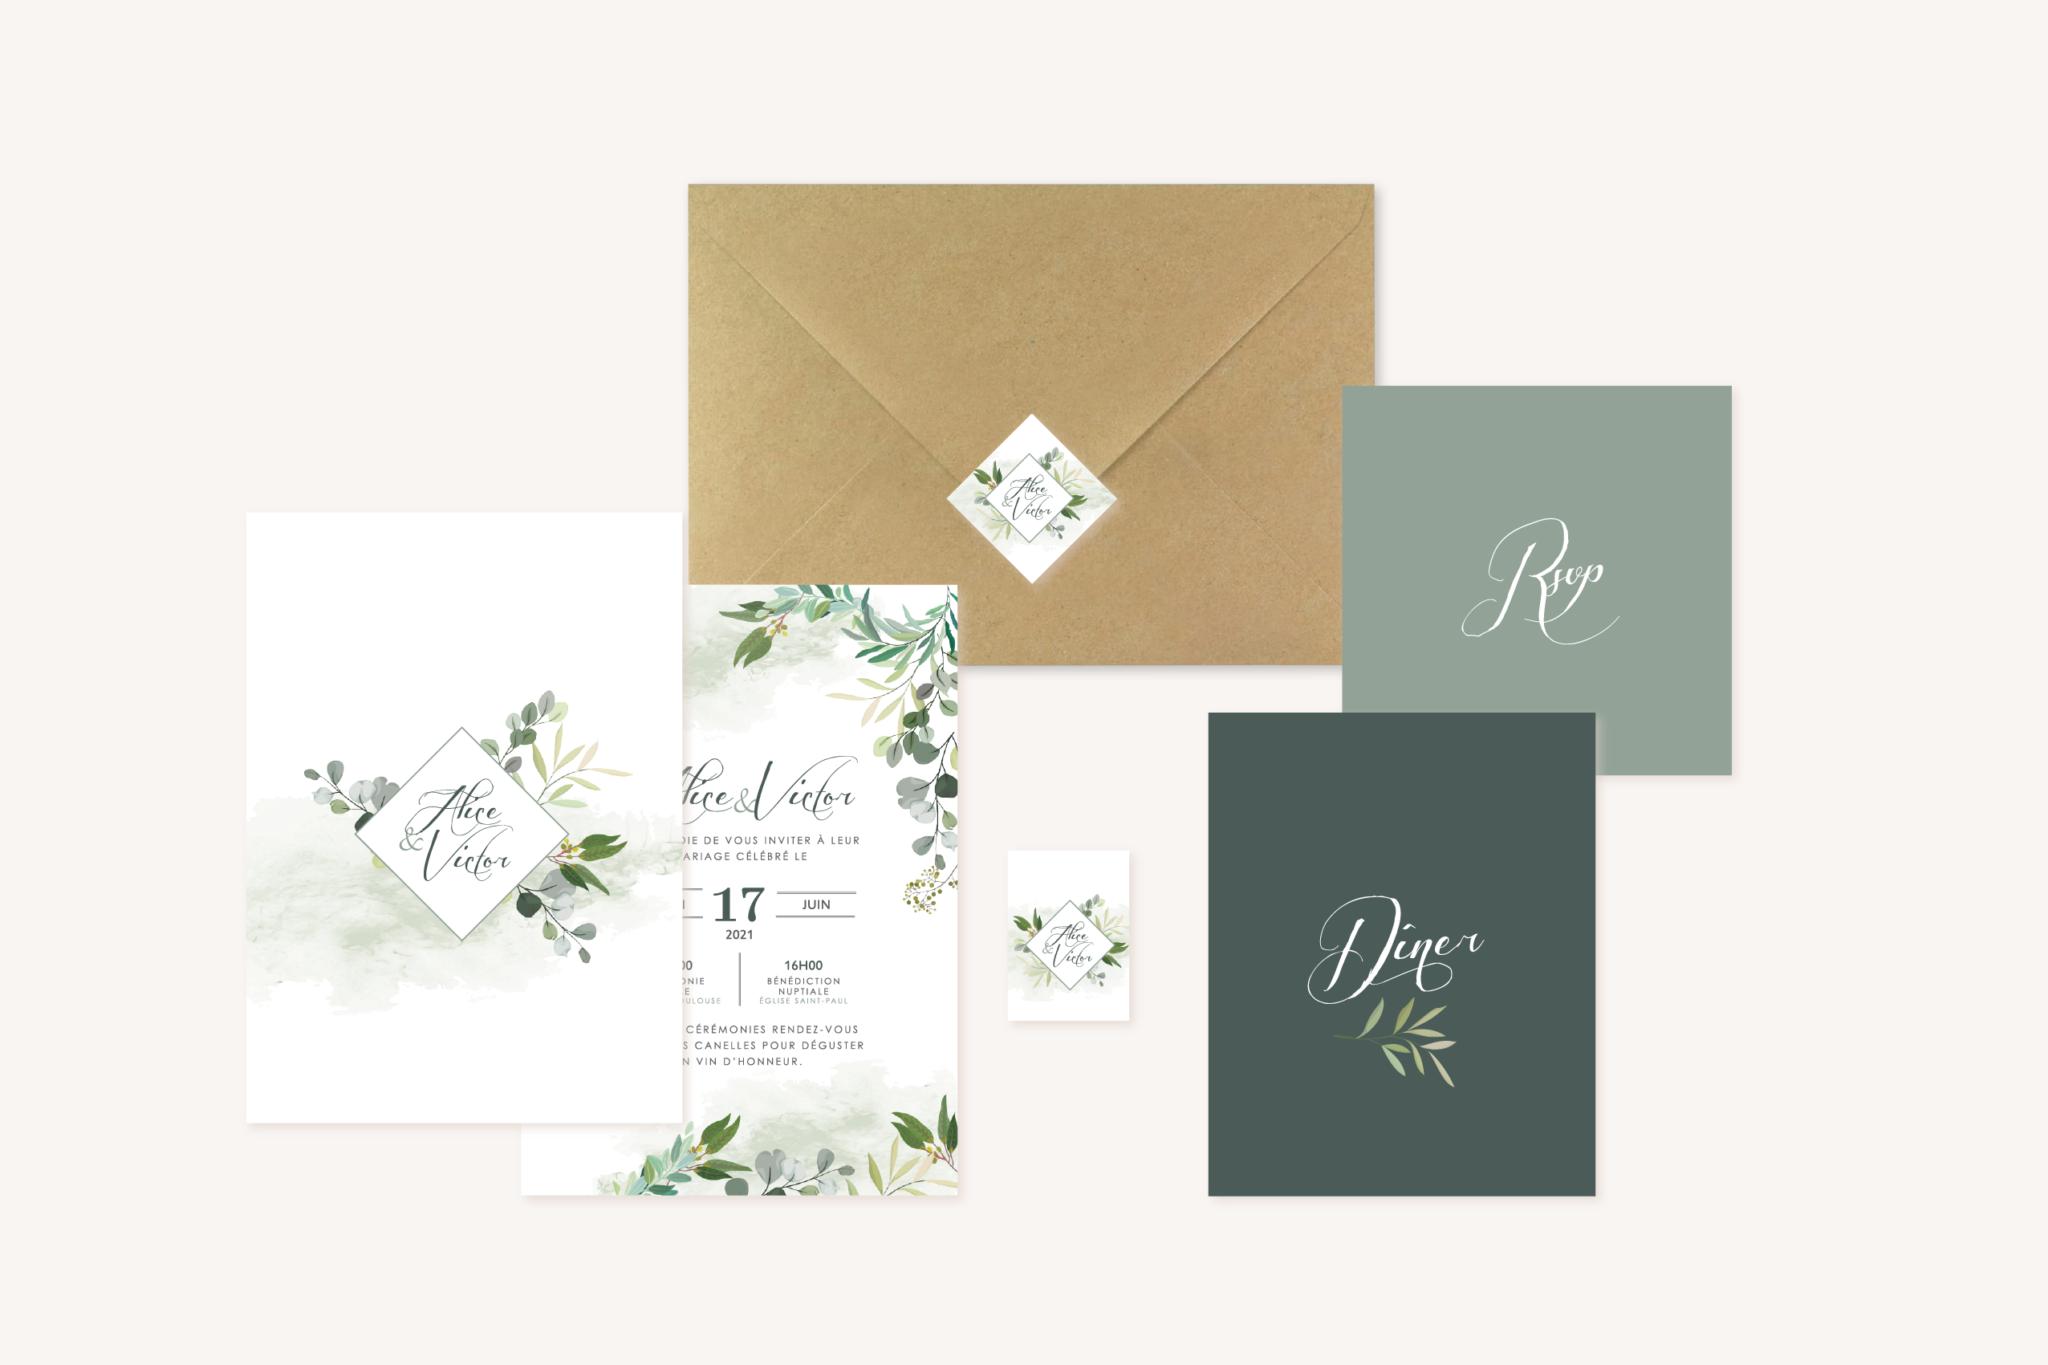 Ensemble papeterie faire-part mariage carton dîner brunch étiquette personnalisée perforée végétal feuille eucalyptus